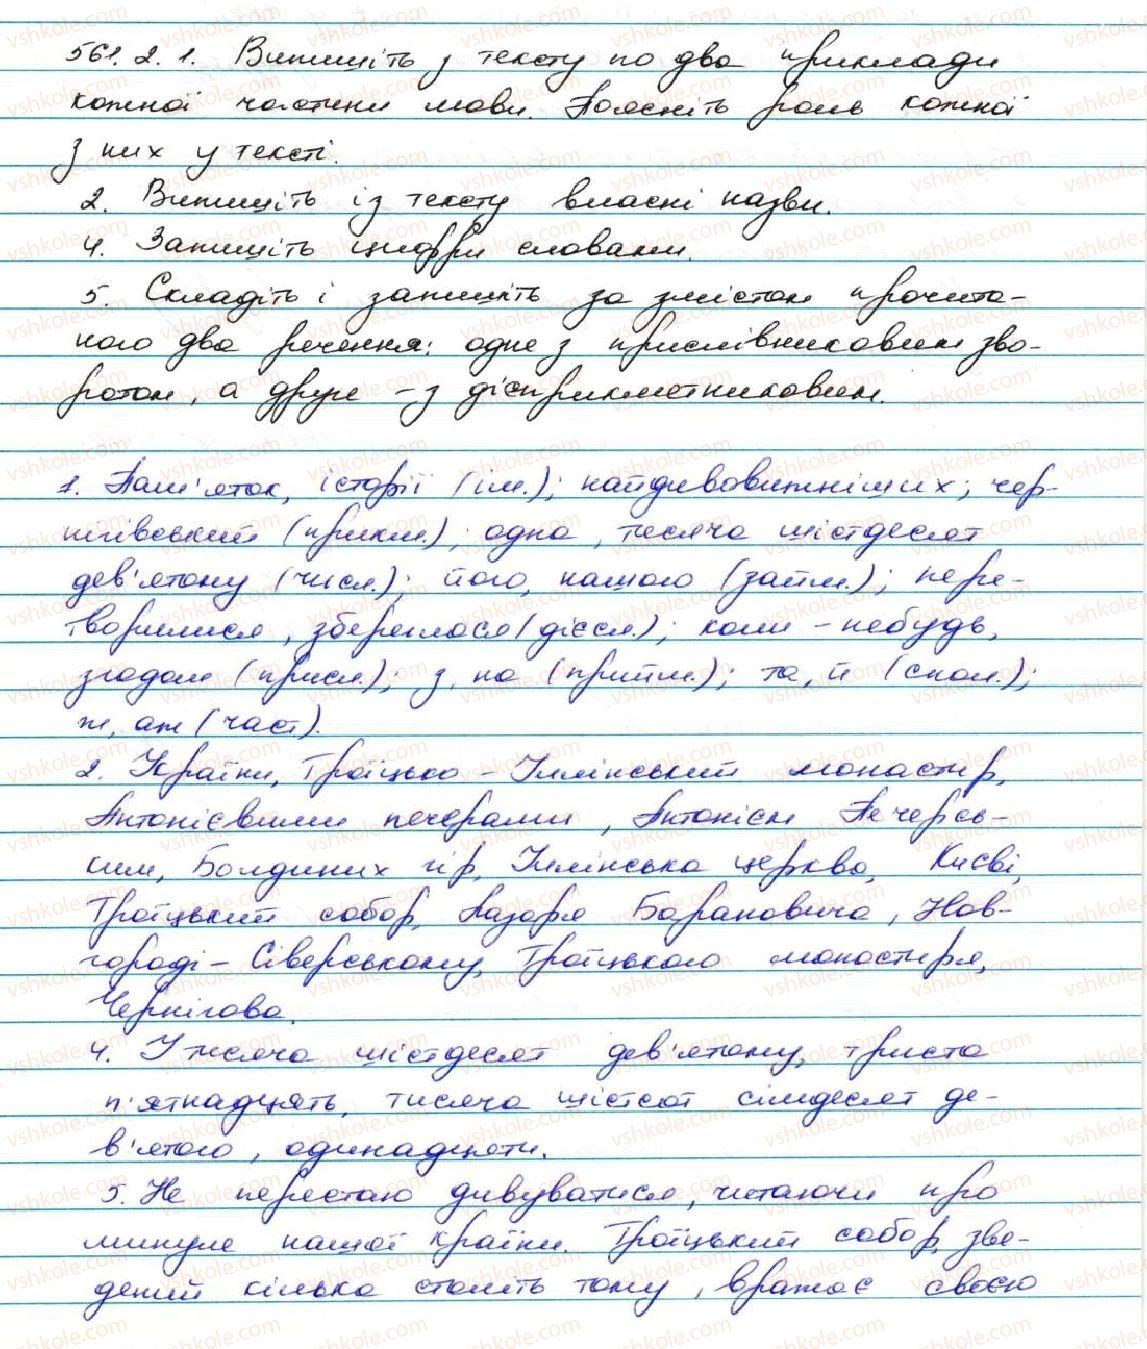 7-ukrayinska-mova-ov-zabolotnij-vv-zabolotnij-2015--uzagalnennya-j-sistematizatsiya-vivchenogo-pro-chastini-movi-561.jpg